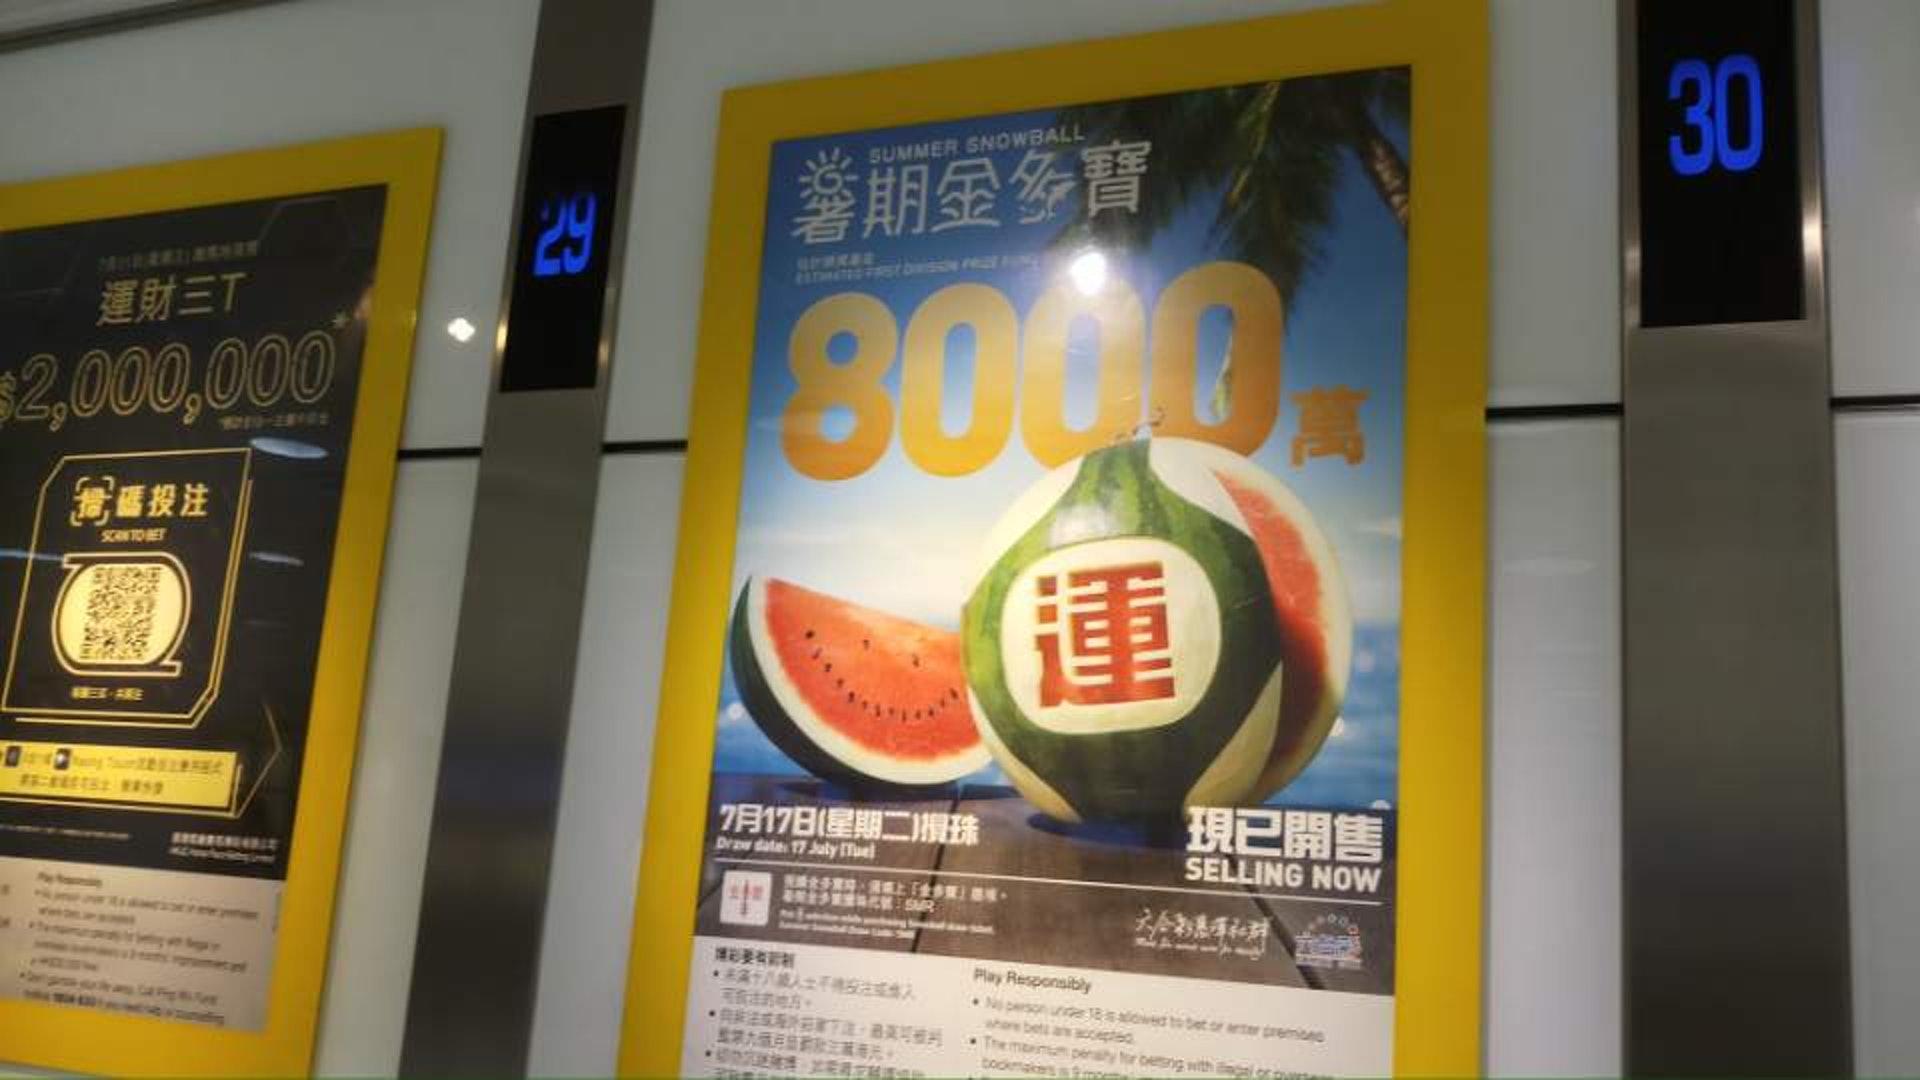 今期六合彩頭獎派彩最高可達8000萬元。(黃偉超攝)